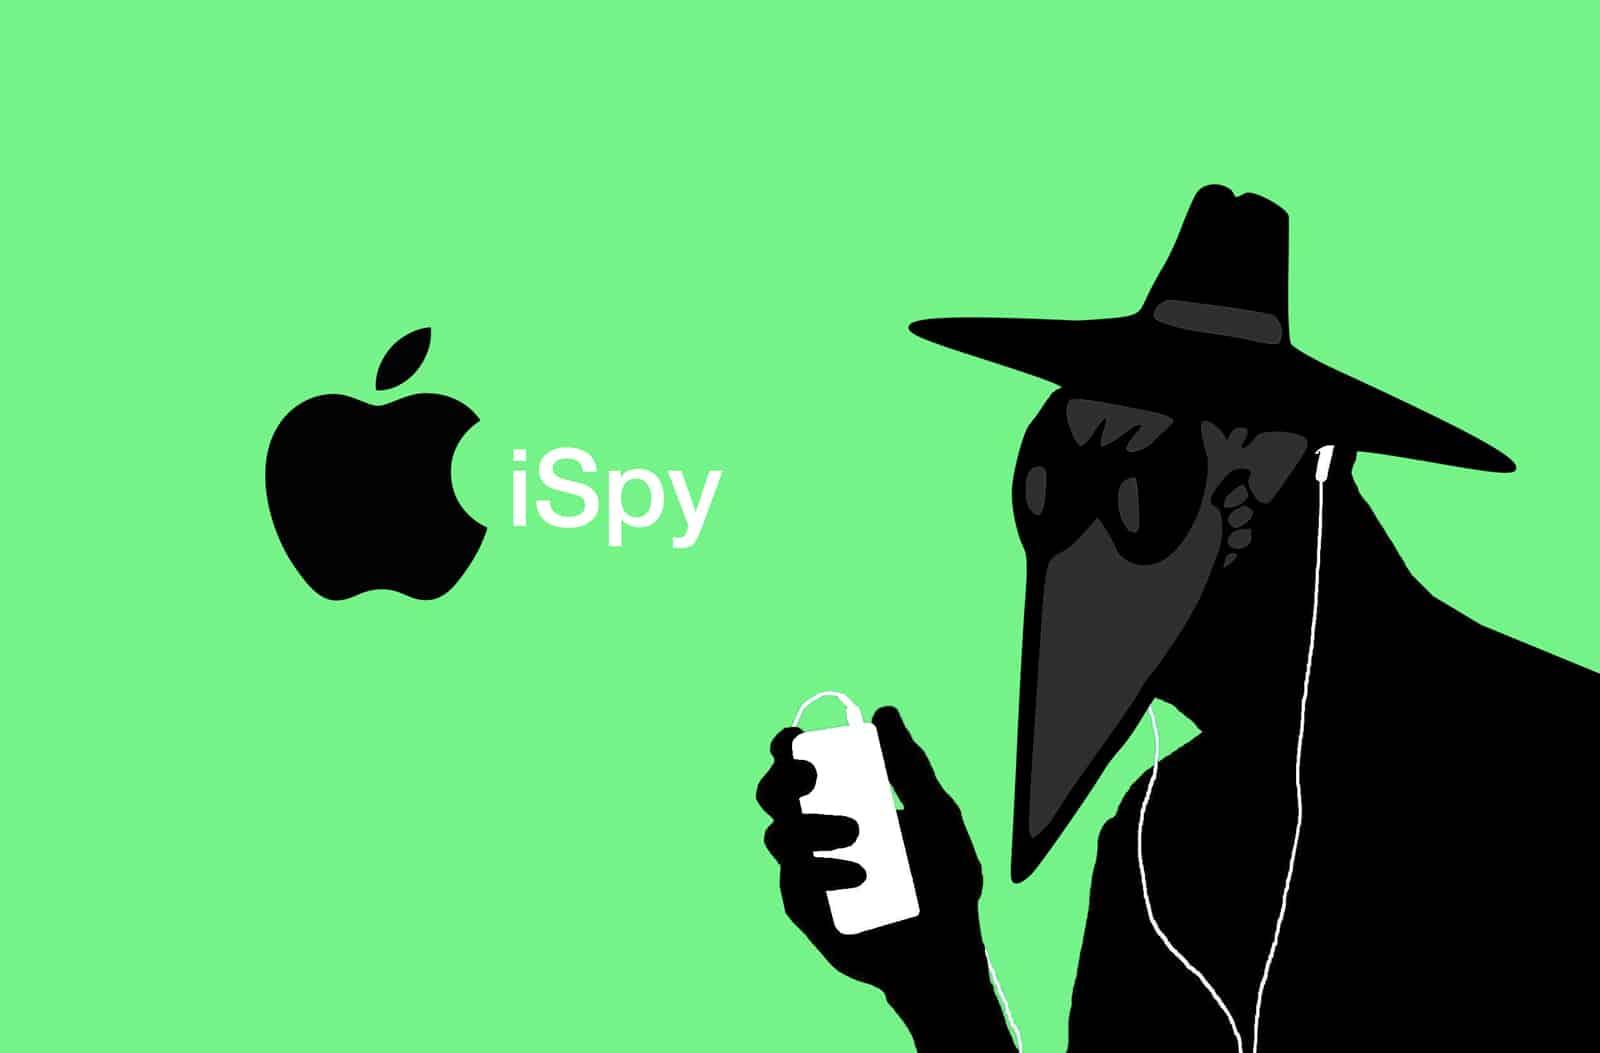 iSpy آبل تسجل مكالماتك الهاتفية وكذلك أنشطتك على آيفون و آيباد